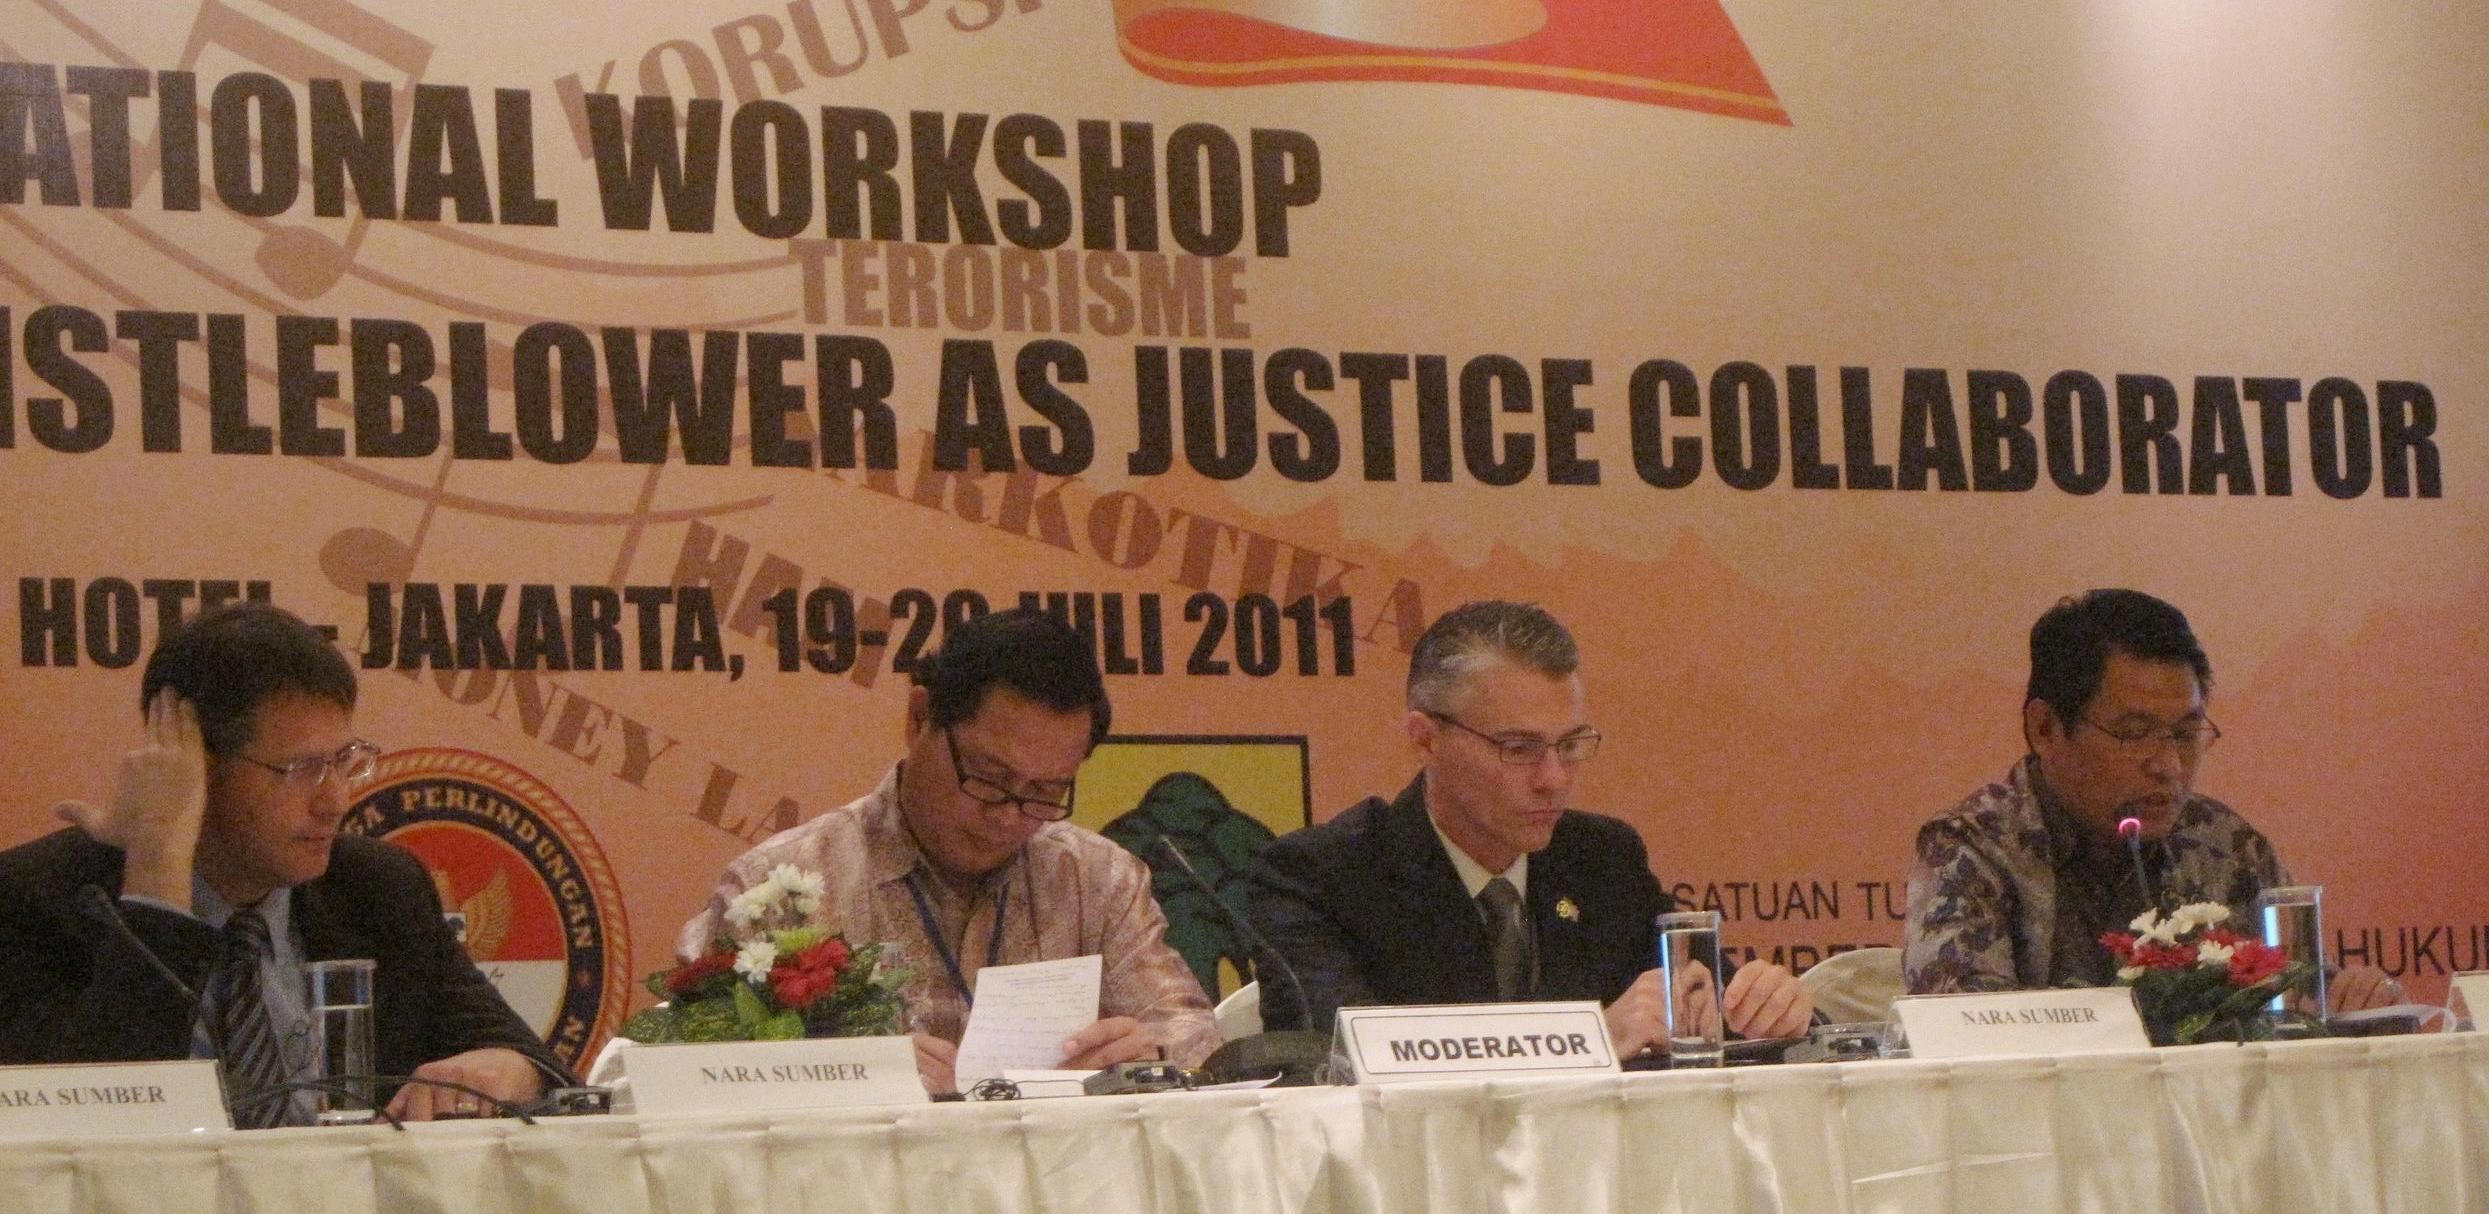 2011 Nov Arya Duta Conference (10).jpg